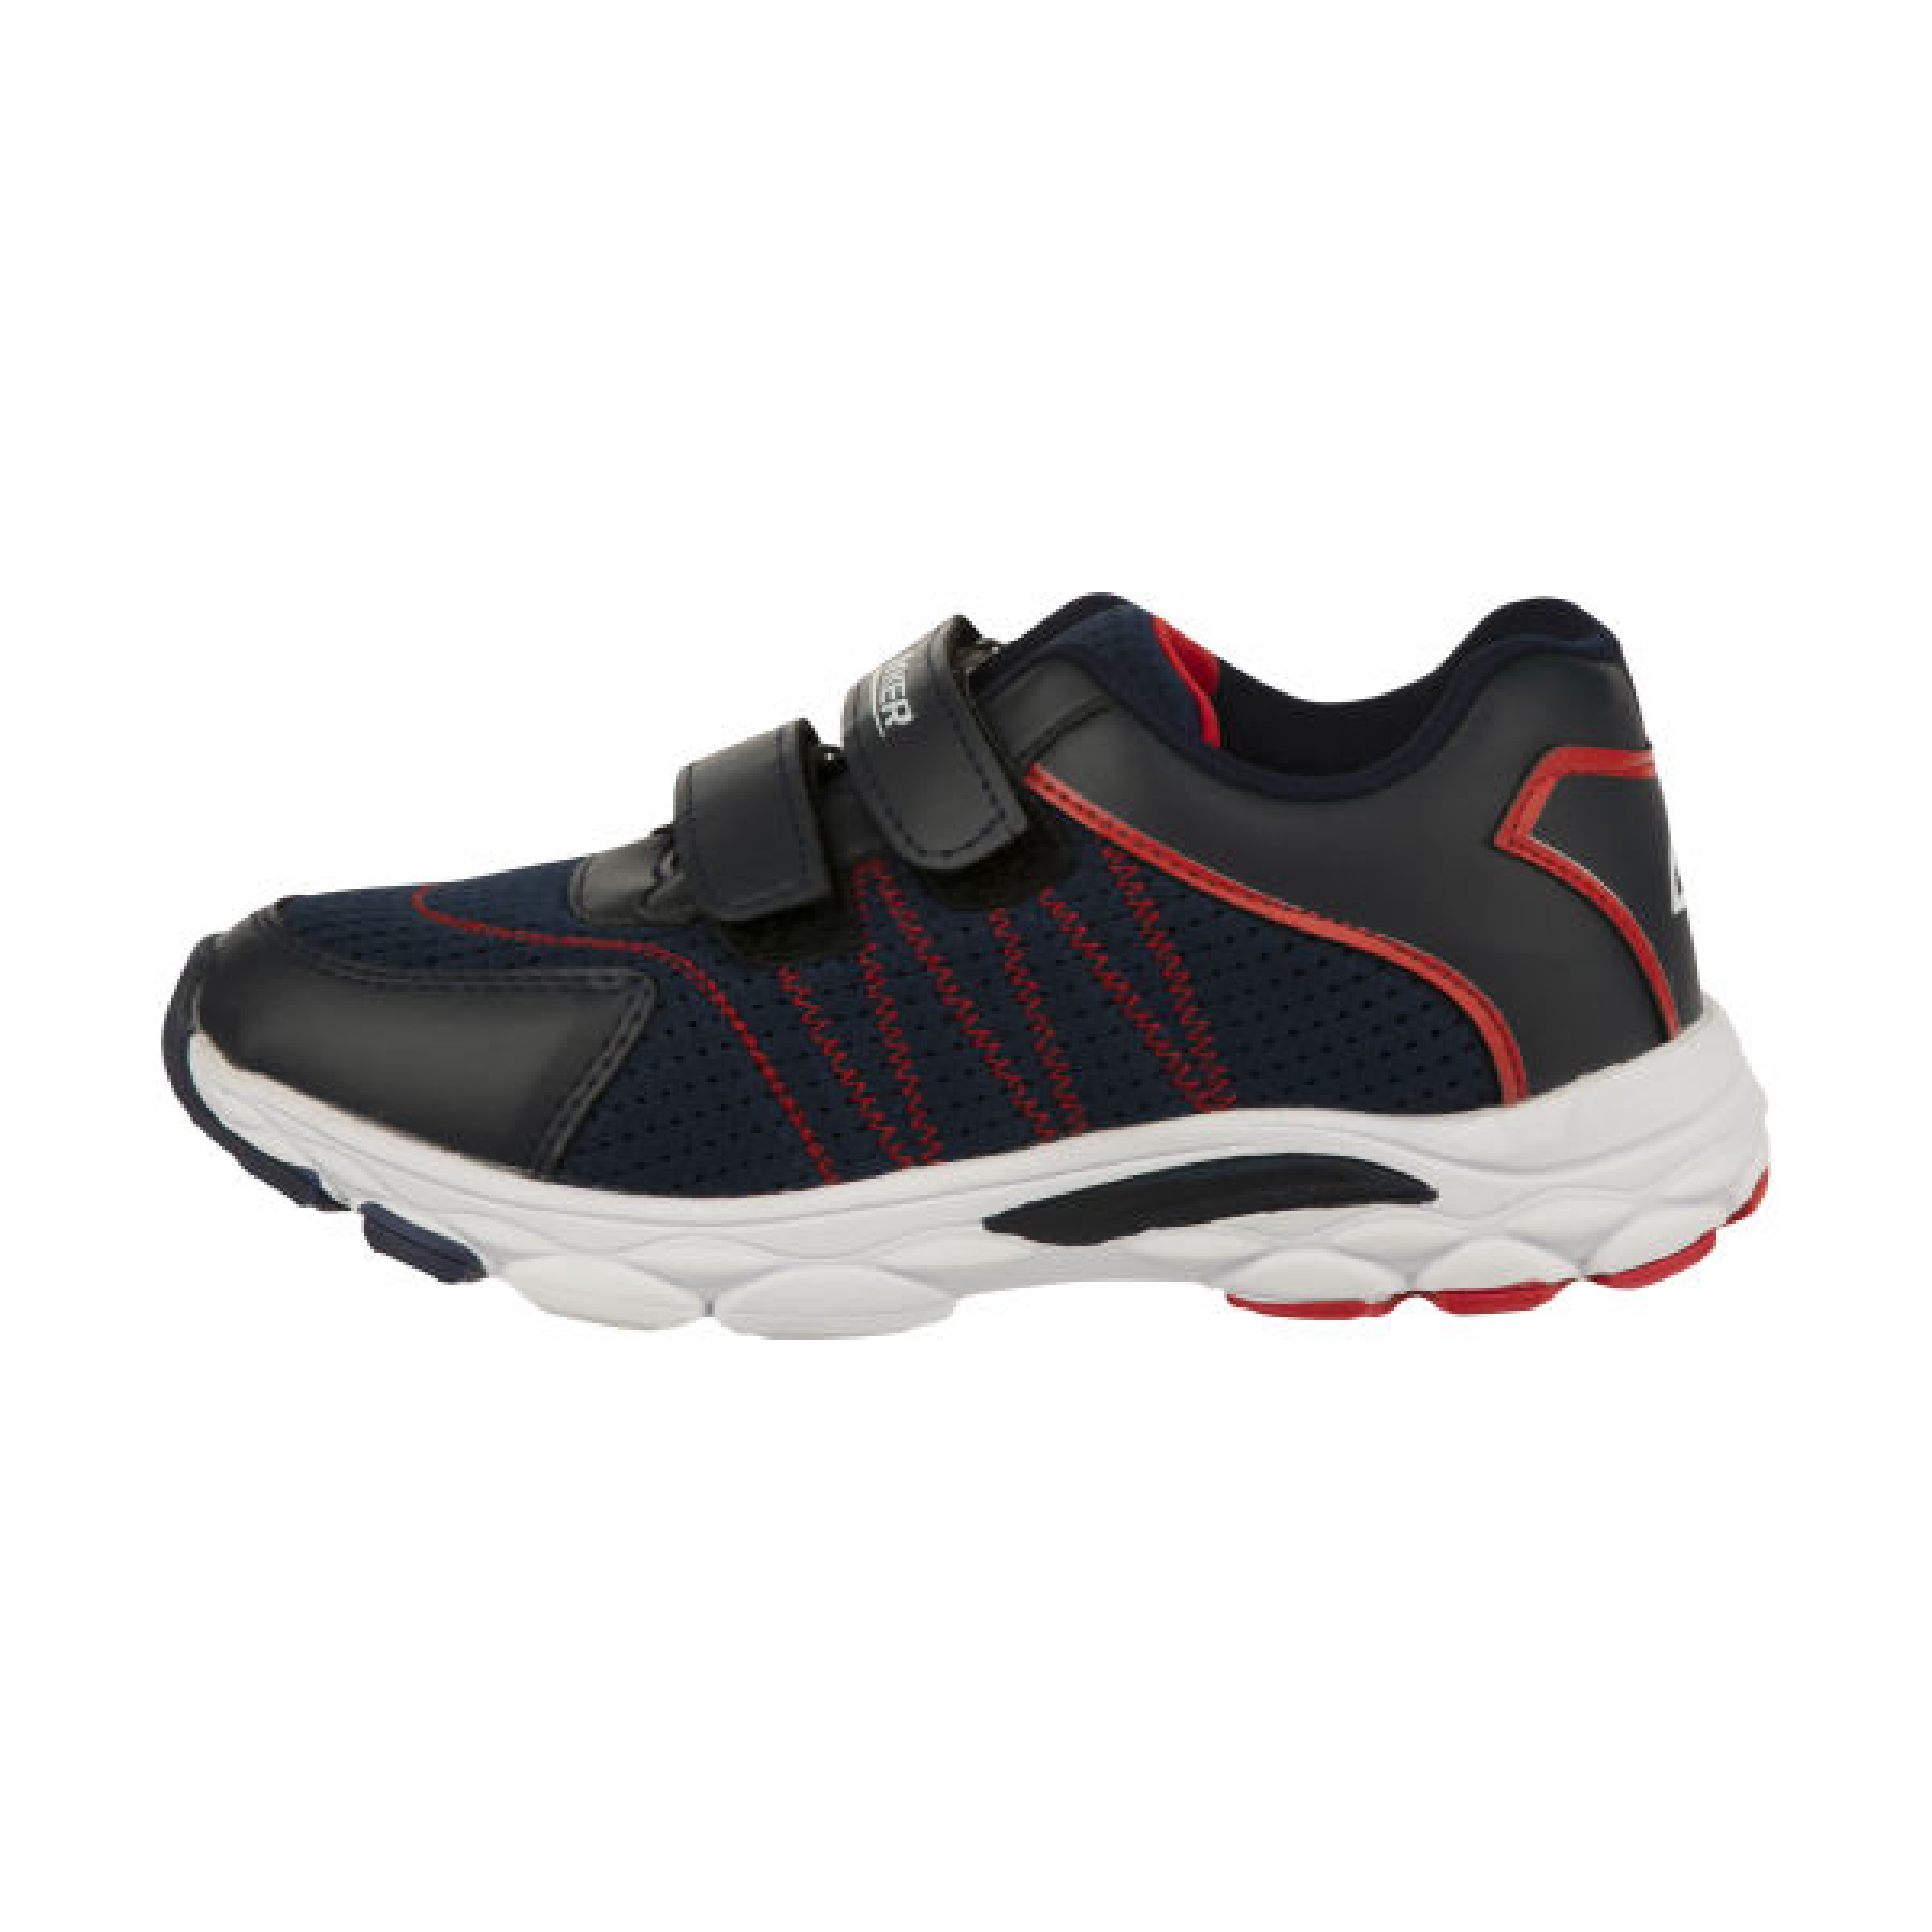 کفش مخصوص پیاده روی پسرانه ملی مدل ماژین کد 84590315